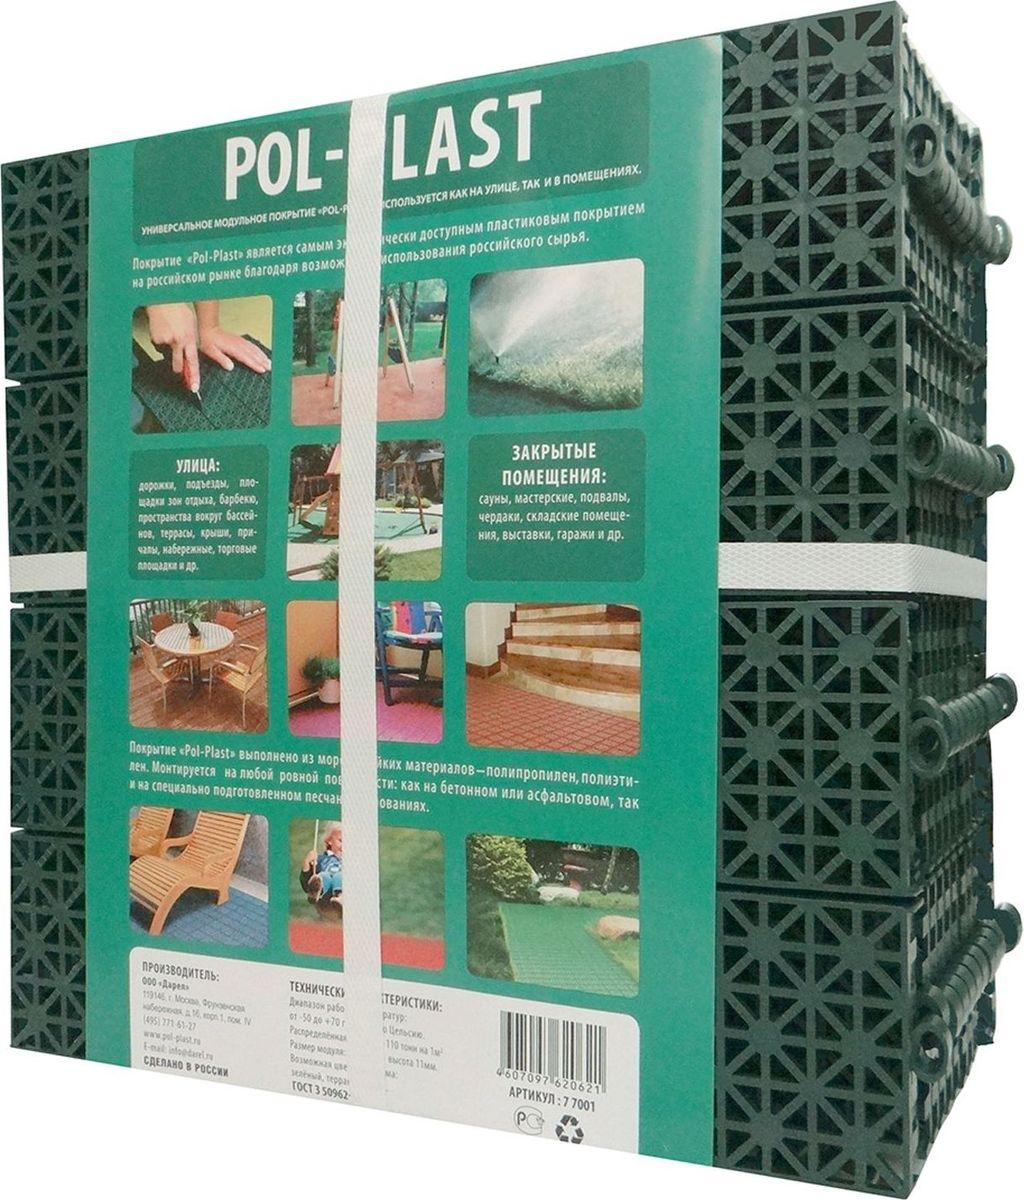 Настил садовый, цвет: зеленый, 30 х 30 см, 9 шт09840-20.000.00Покрытие PolPlast идеально подойдёт для любой зоны ваших владений и в доме, и под открытым небом. С ним вам не придётся ломать голову, что положить на пол в прихожей, а что — на балконе, чем вымостить дорожку или площадку для барбекю.PolPlast справится с ролью идеального покрытия в любом месте. Единый материал (термопласт) позволит сохранить схожий стиль в дизайне, а цвет покрытия можно выбрать из двух самых распространённых в ландшафтном дизайне: терракота (под цвет обожжённой глины) и зелёный (под цвет травы).Это покрытие отлично переносит морозы, устойчиво к воздействию окружающей среды. Так что за долговечность вы можете быть спокойны. Никаких особых подготовительных работ для укладки проводить не нужно. Вы можете уложить его на траву или даже на старое покрытие. Главное, чтобы поверхность была ровной.Пластиковое покрытие PolPlast — прекрасный теплоизолятор, который имеет рельефную поверхность. Эти качества делают его удобным для использования в бане и сауне, а также в зоне возле бассейна.ХарактеристикиРазмер модуля: 300 ? 300 ? 110 мм.Материал: термопласт.Температурный диапазон: от ?40 до +40 °С.